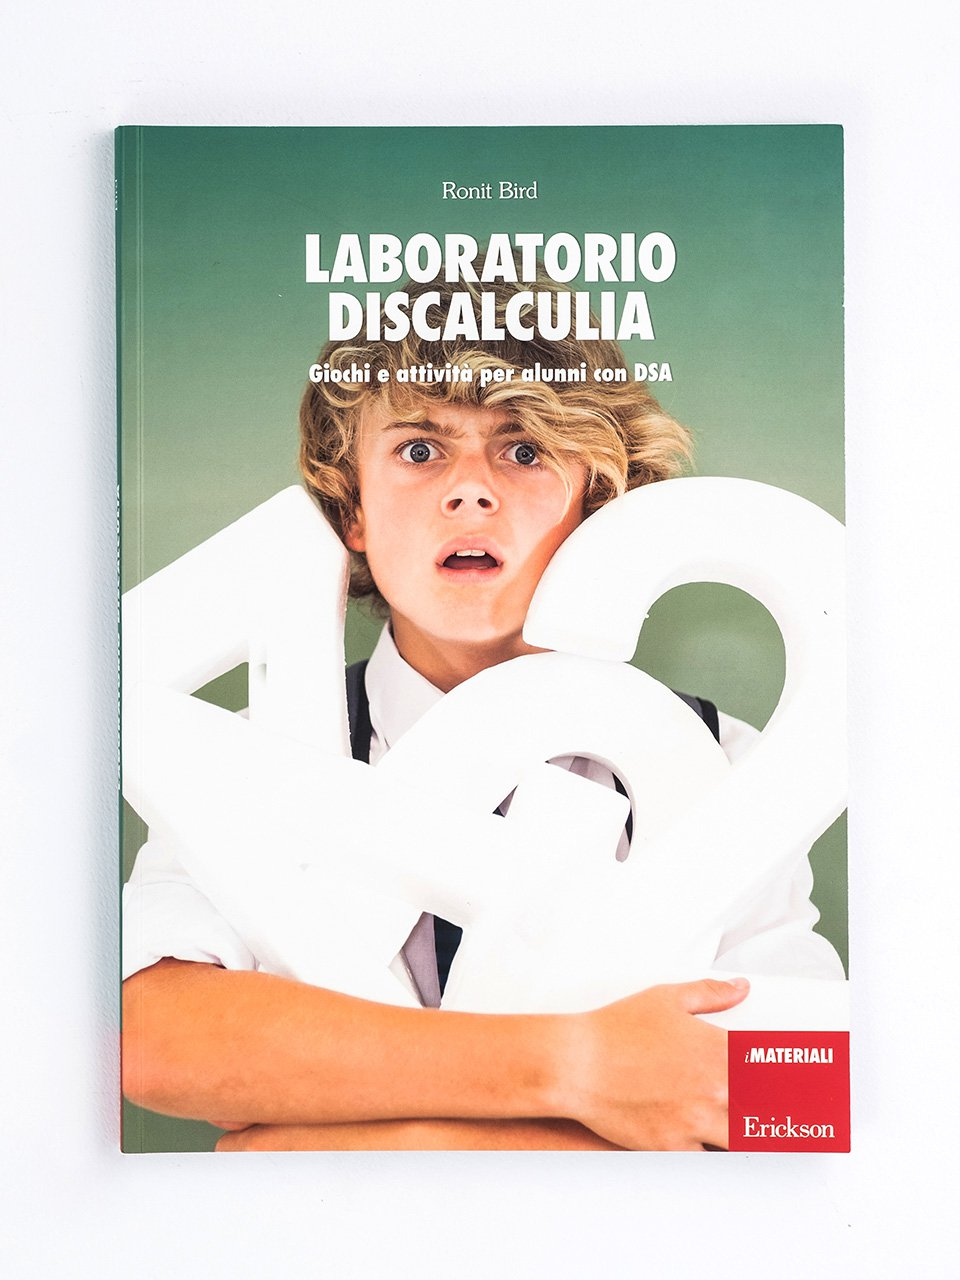 Laboratorio discalculia - Libri - Erickson